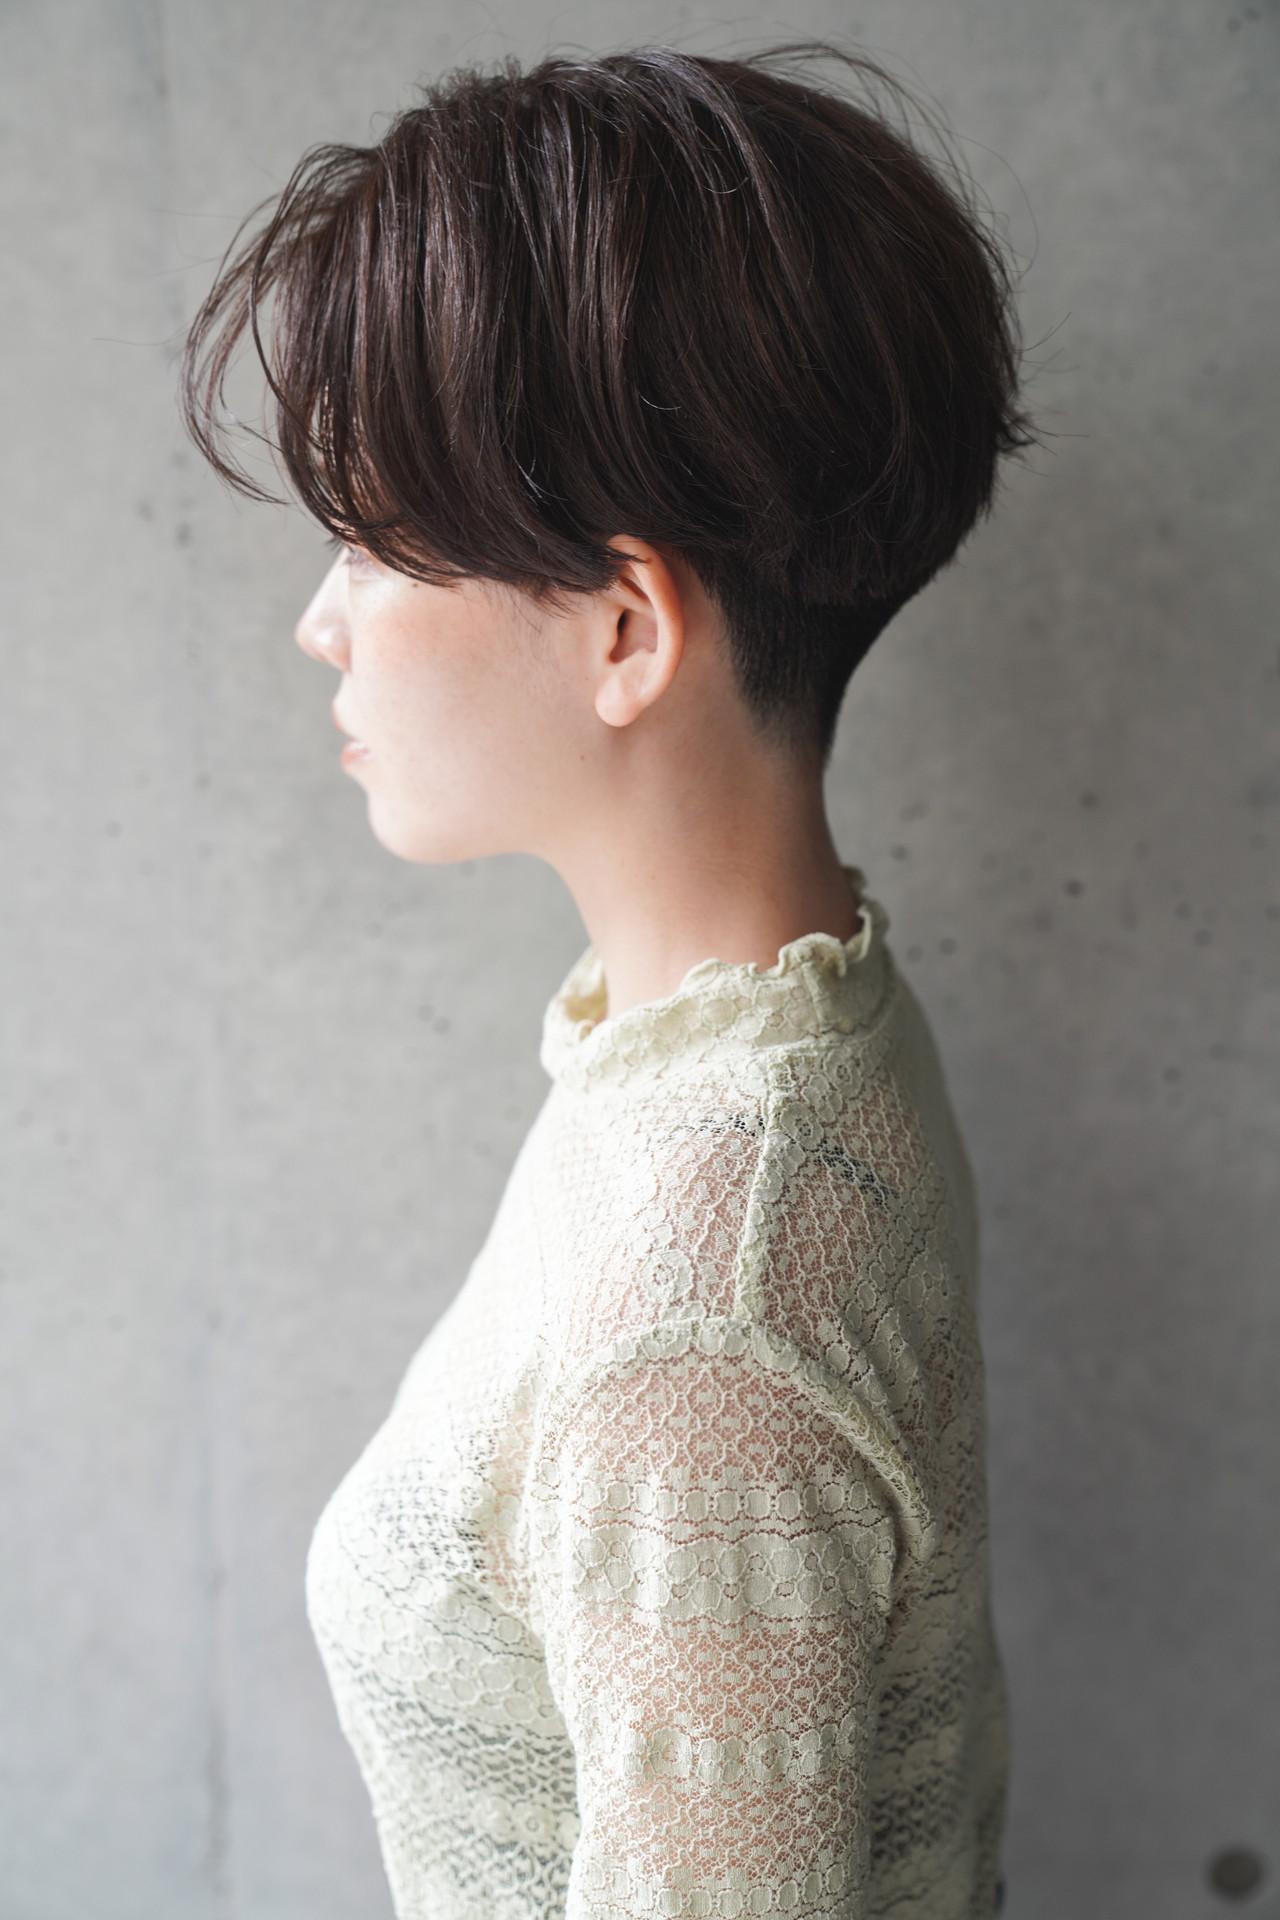 刈り上げ女子 刈り上げショート ハンサムショート 刈り上げ ヘアスタイルや髪型の写真・画像